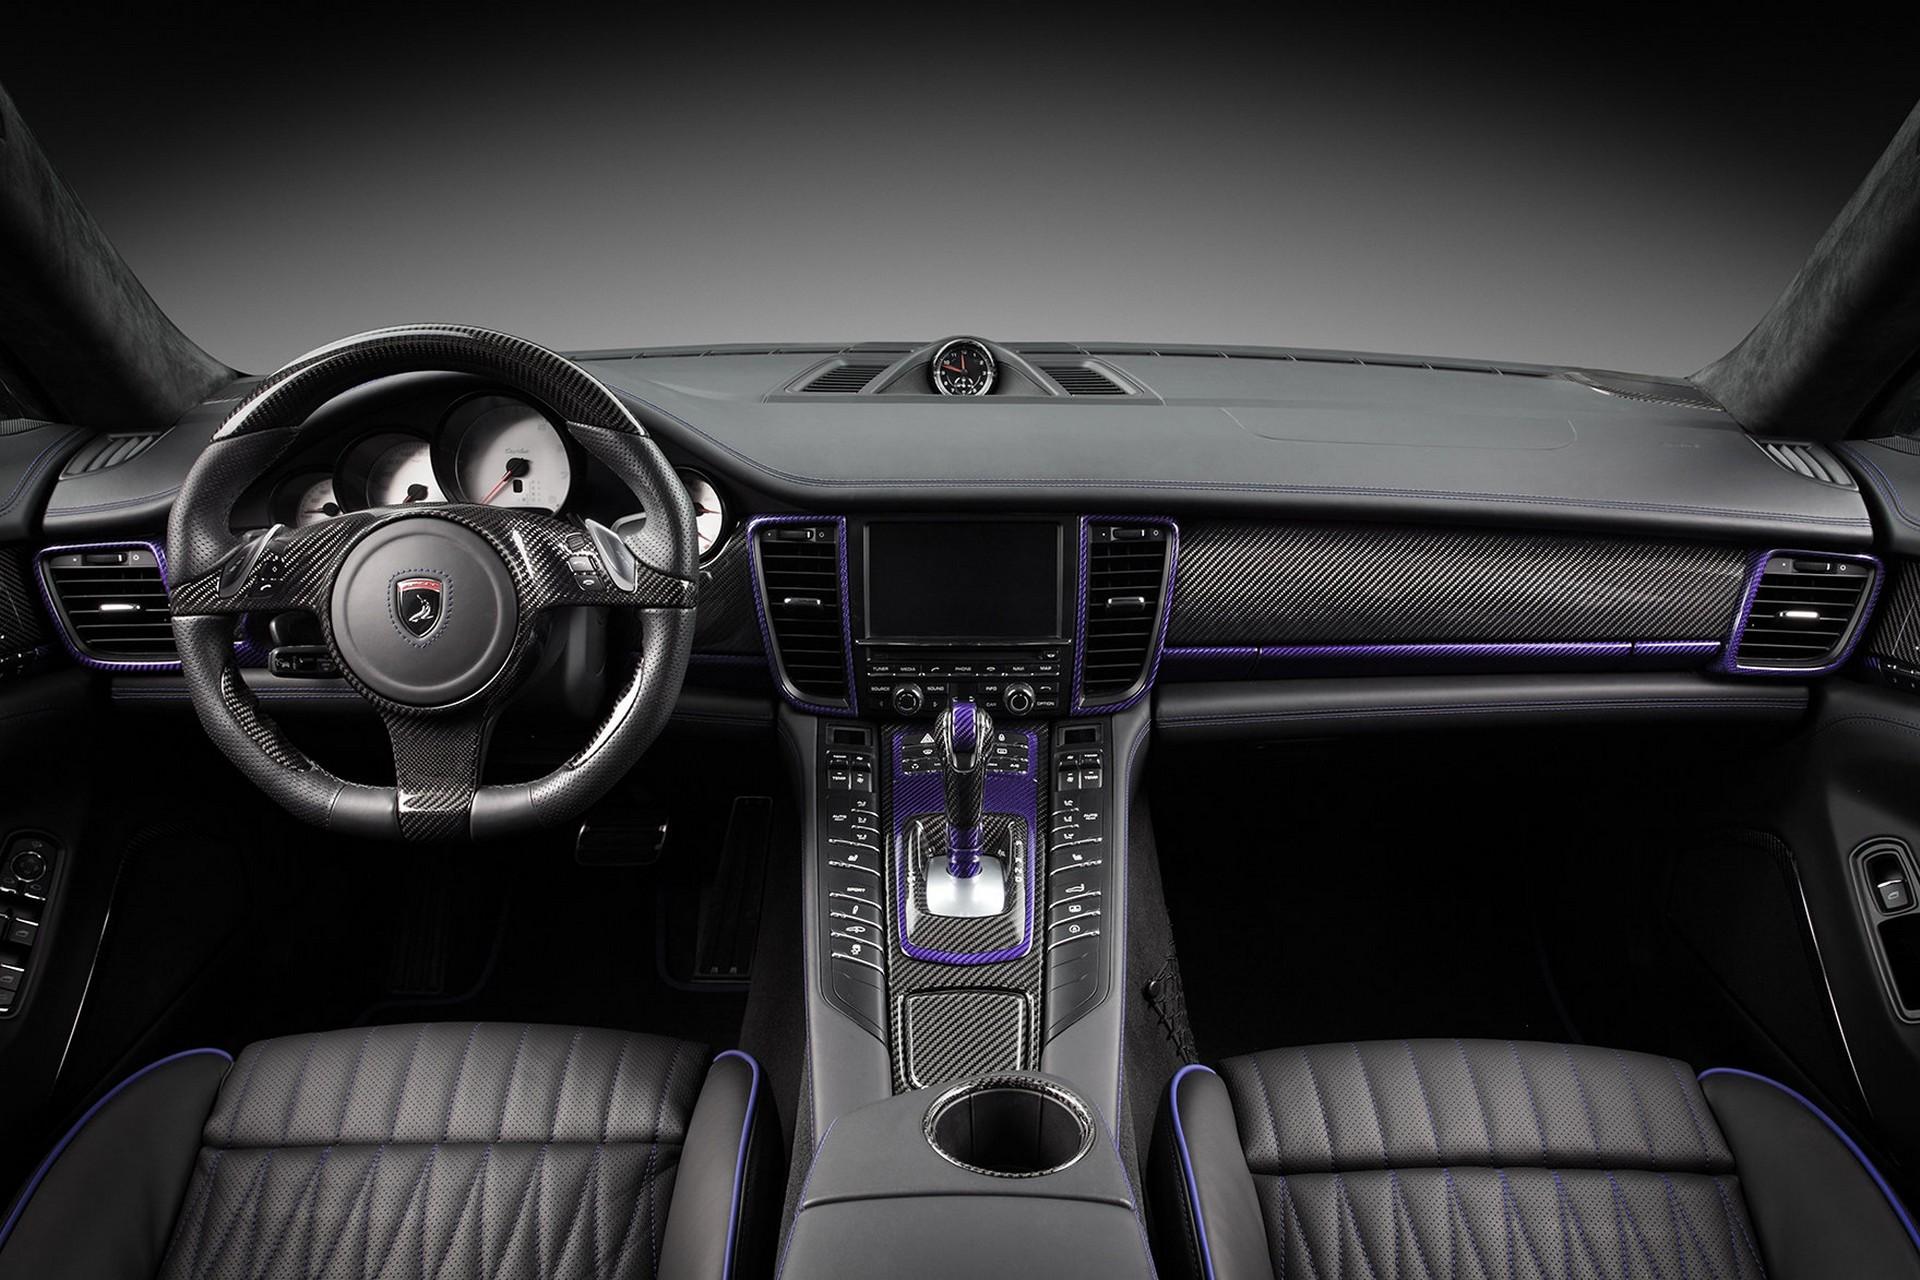 2014 porsche panamera interior car tuning -  Porsche Panamera Stingray Gtr 2014